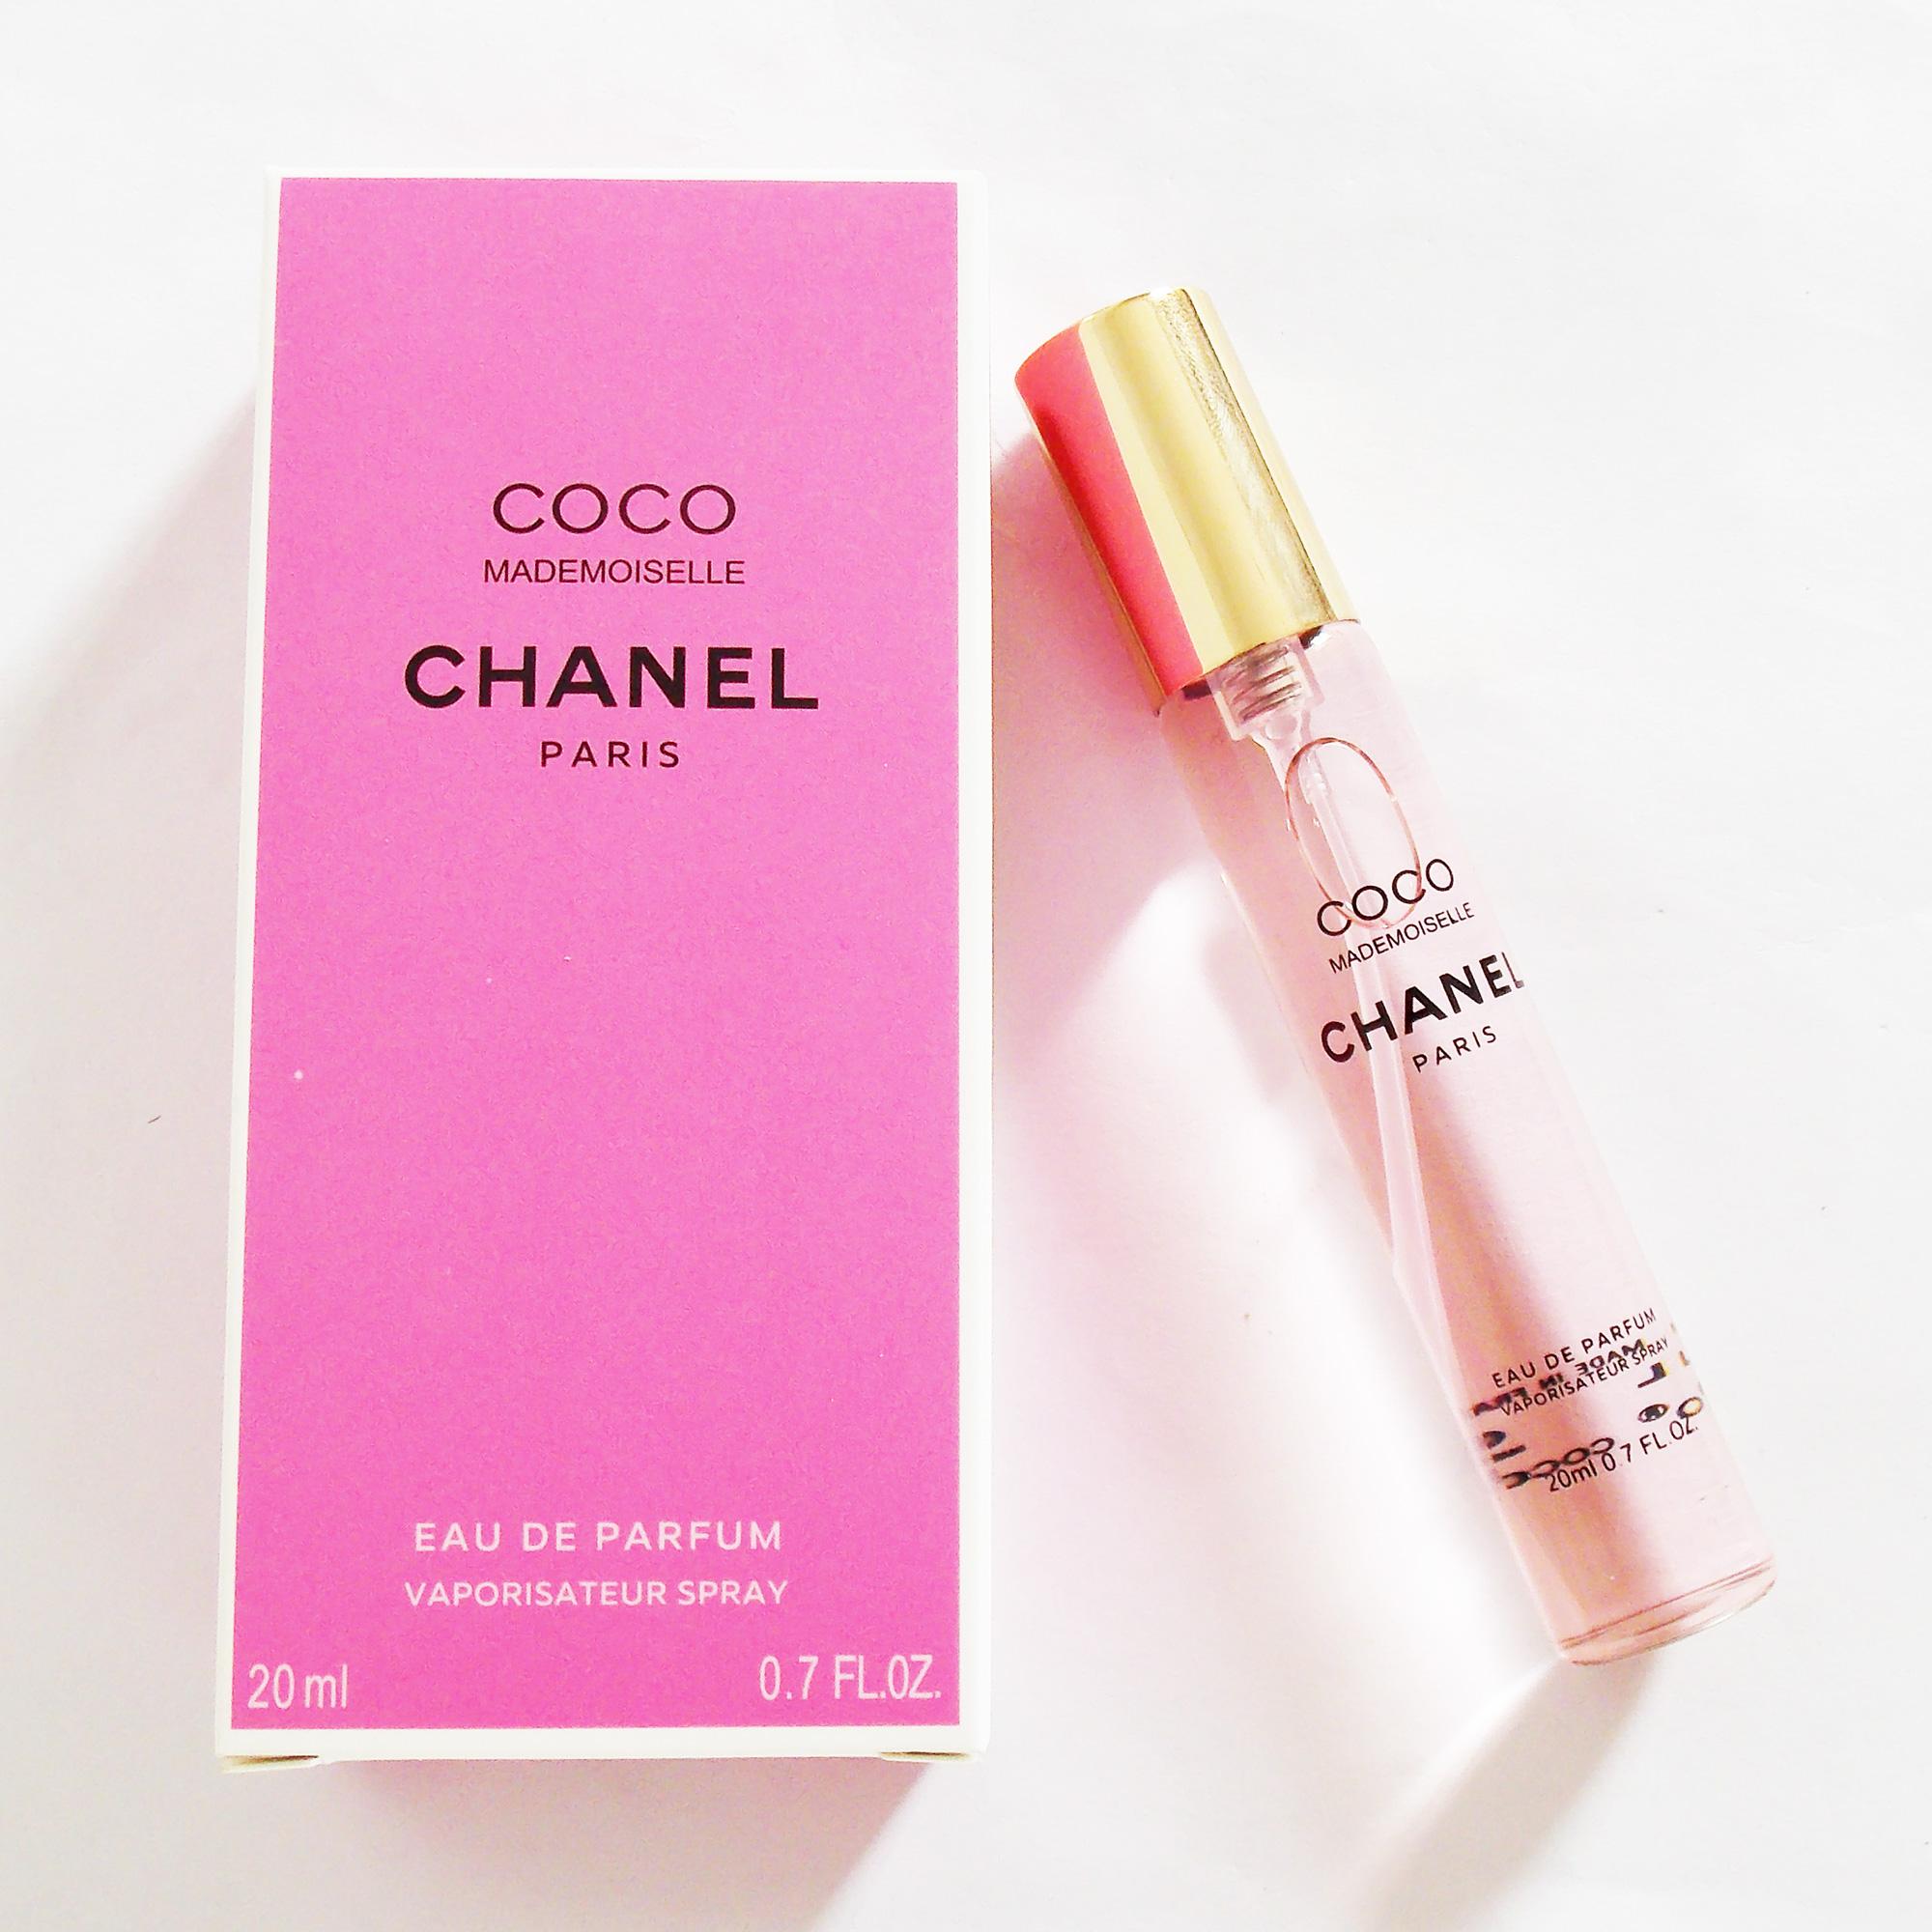 Nước hoa mùi dịu nhẹ dễ chịu Chanel